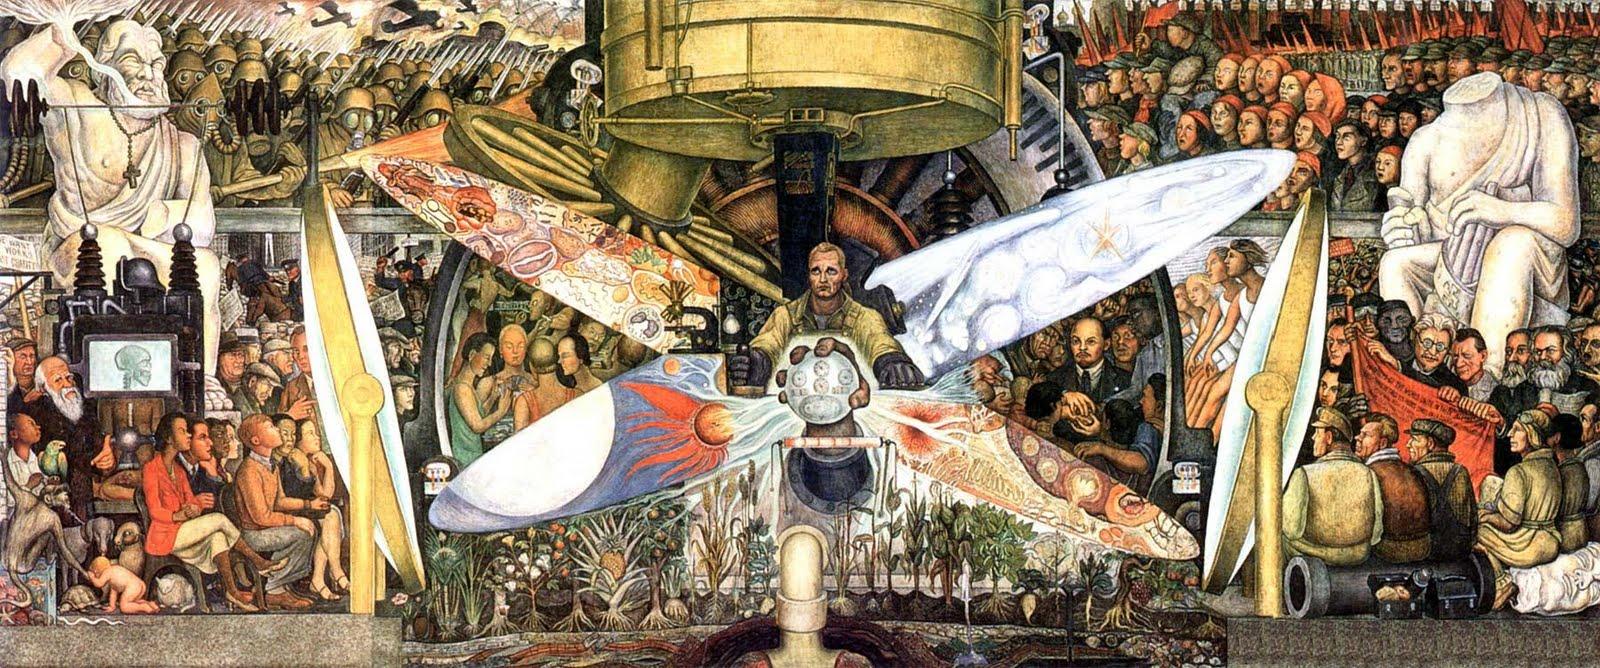 l'uomo controllore dell'universo di Diego Rivera